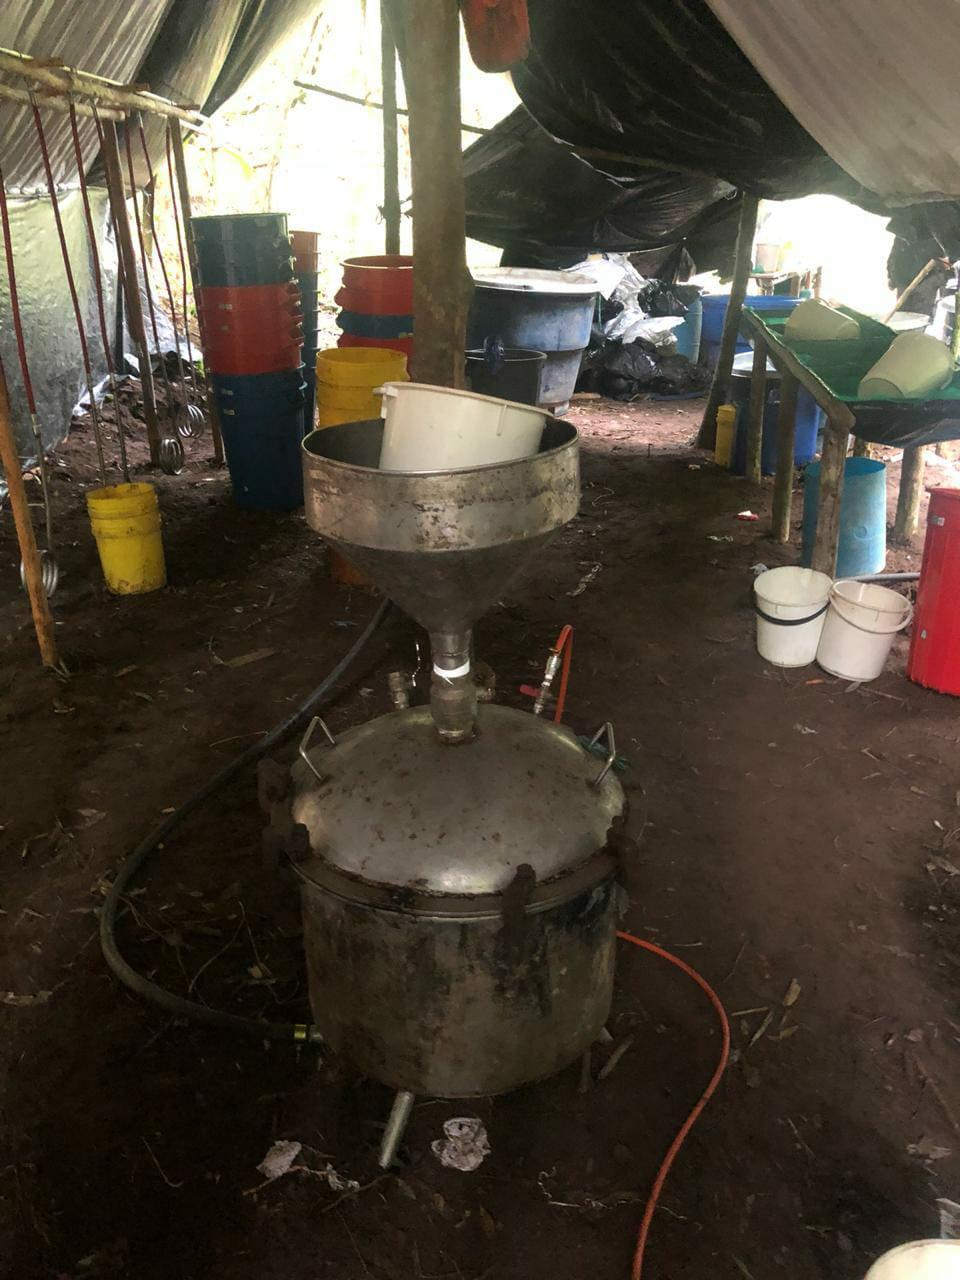 Ubican laboratorio para procesar  clorhidrato de cocaína, en zona rural  de Monterrey Casanare